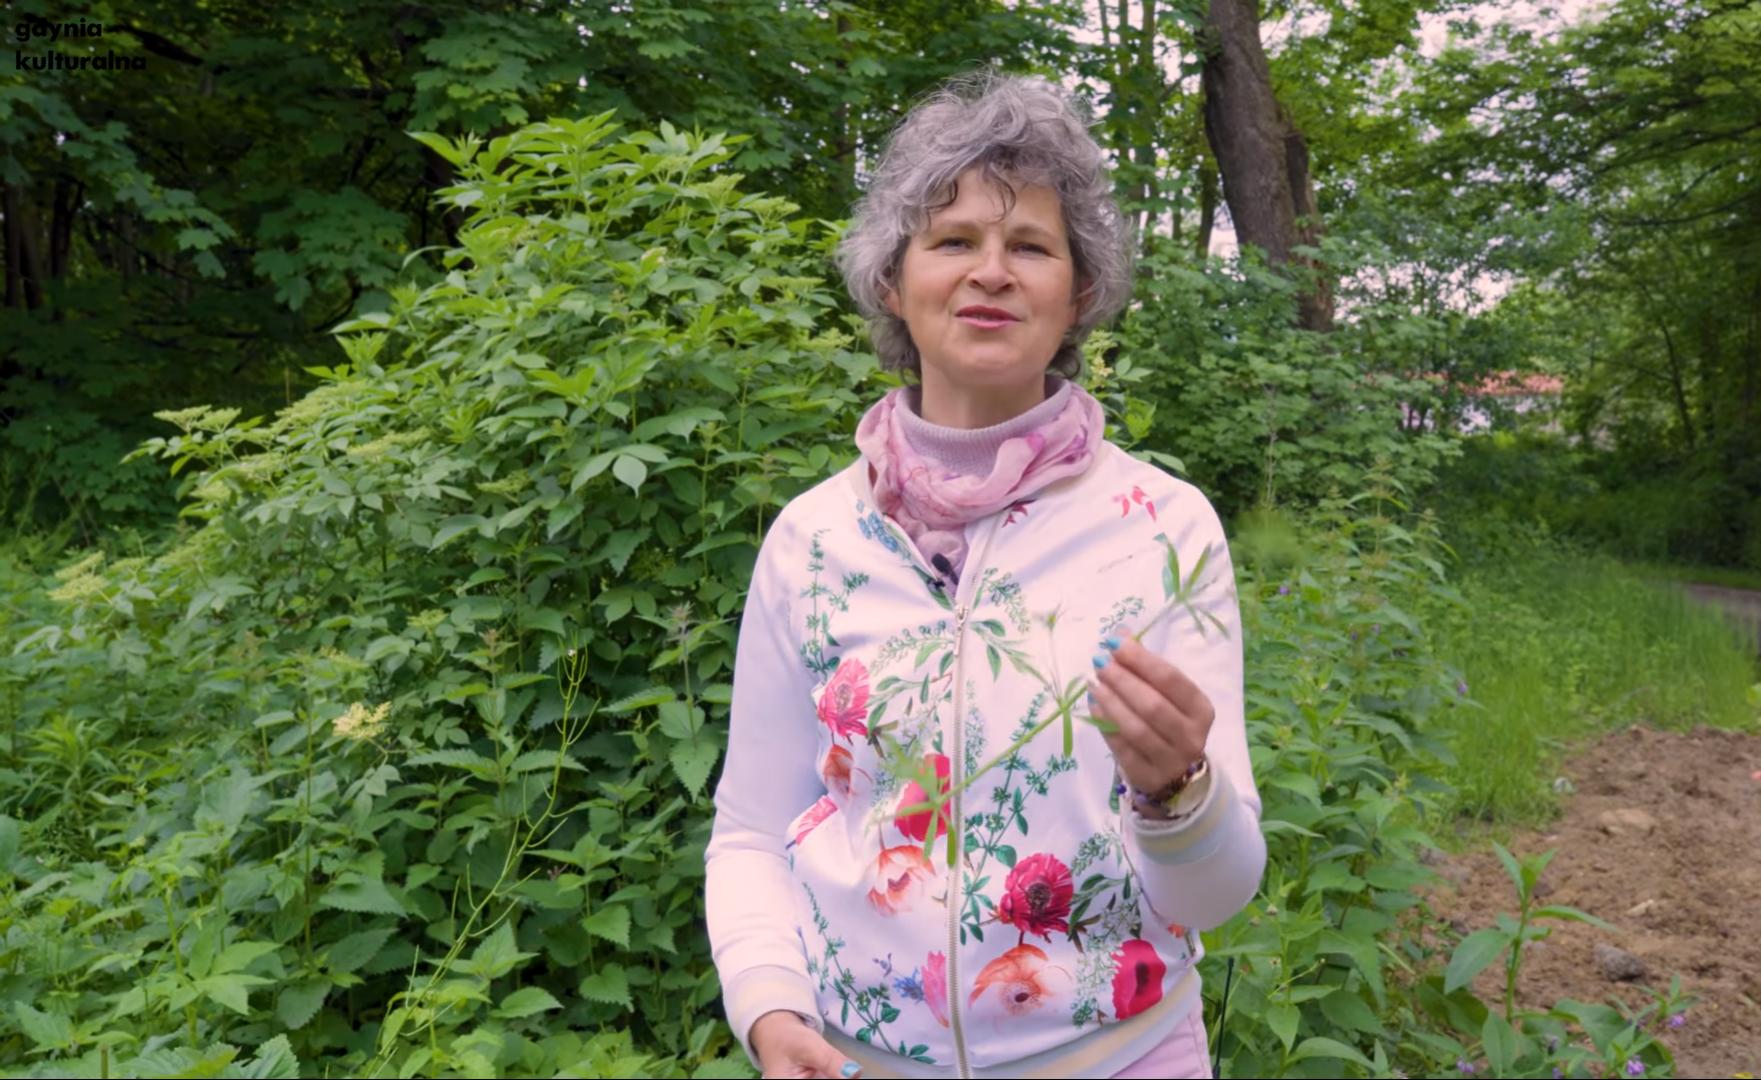 Dzika Gdynia - Dorota Grądzka